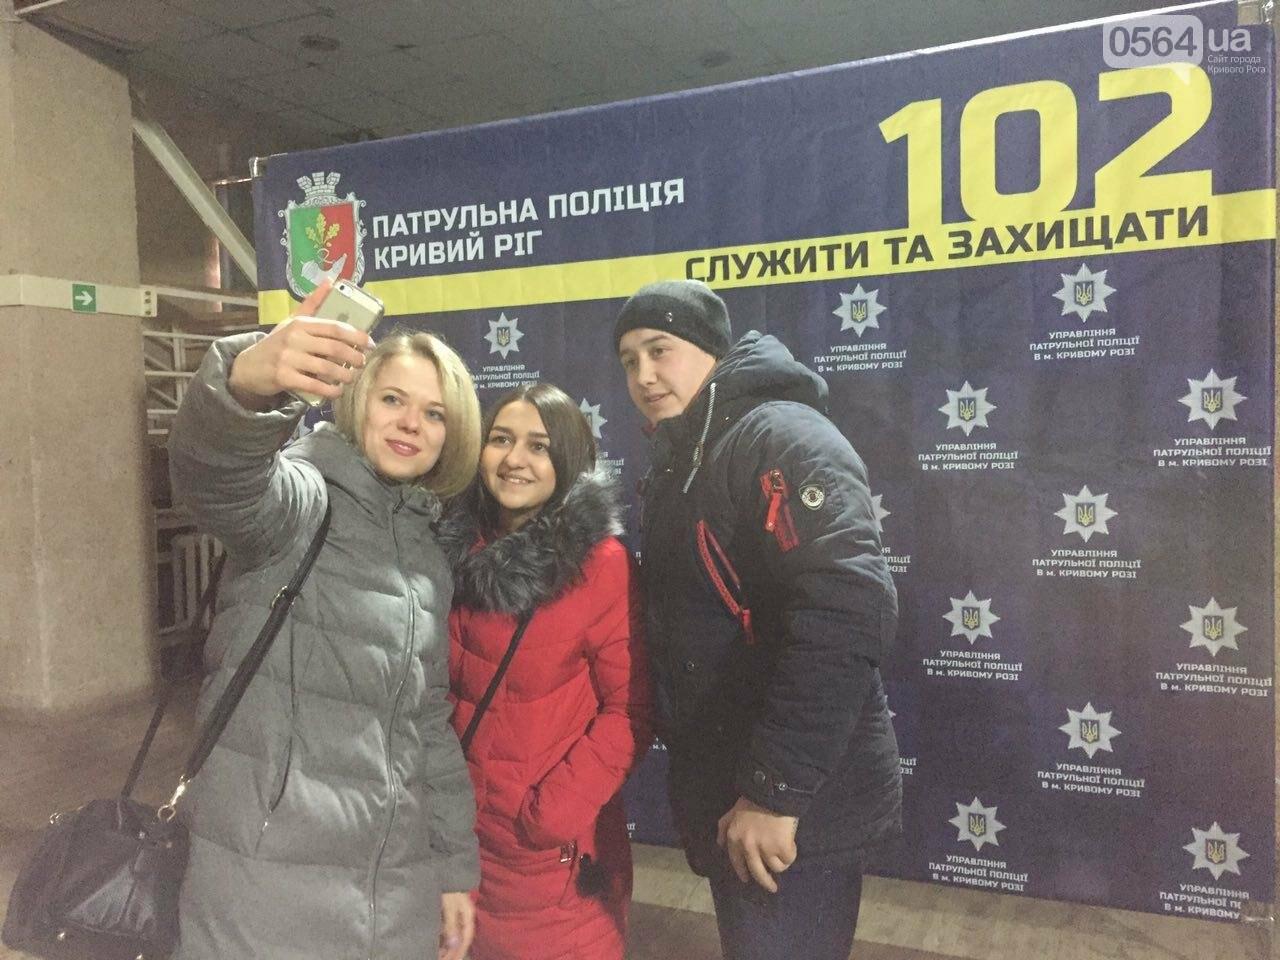 В криворожской полицейской семье пополнение -  65 человек присягнули на верность украинскому народу (ФОТО), фото-9